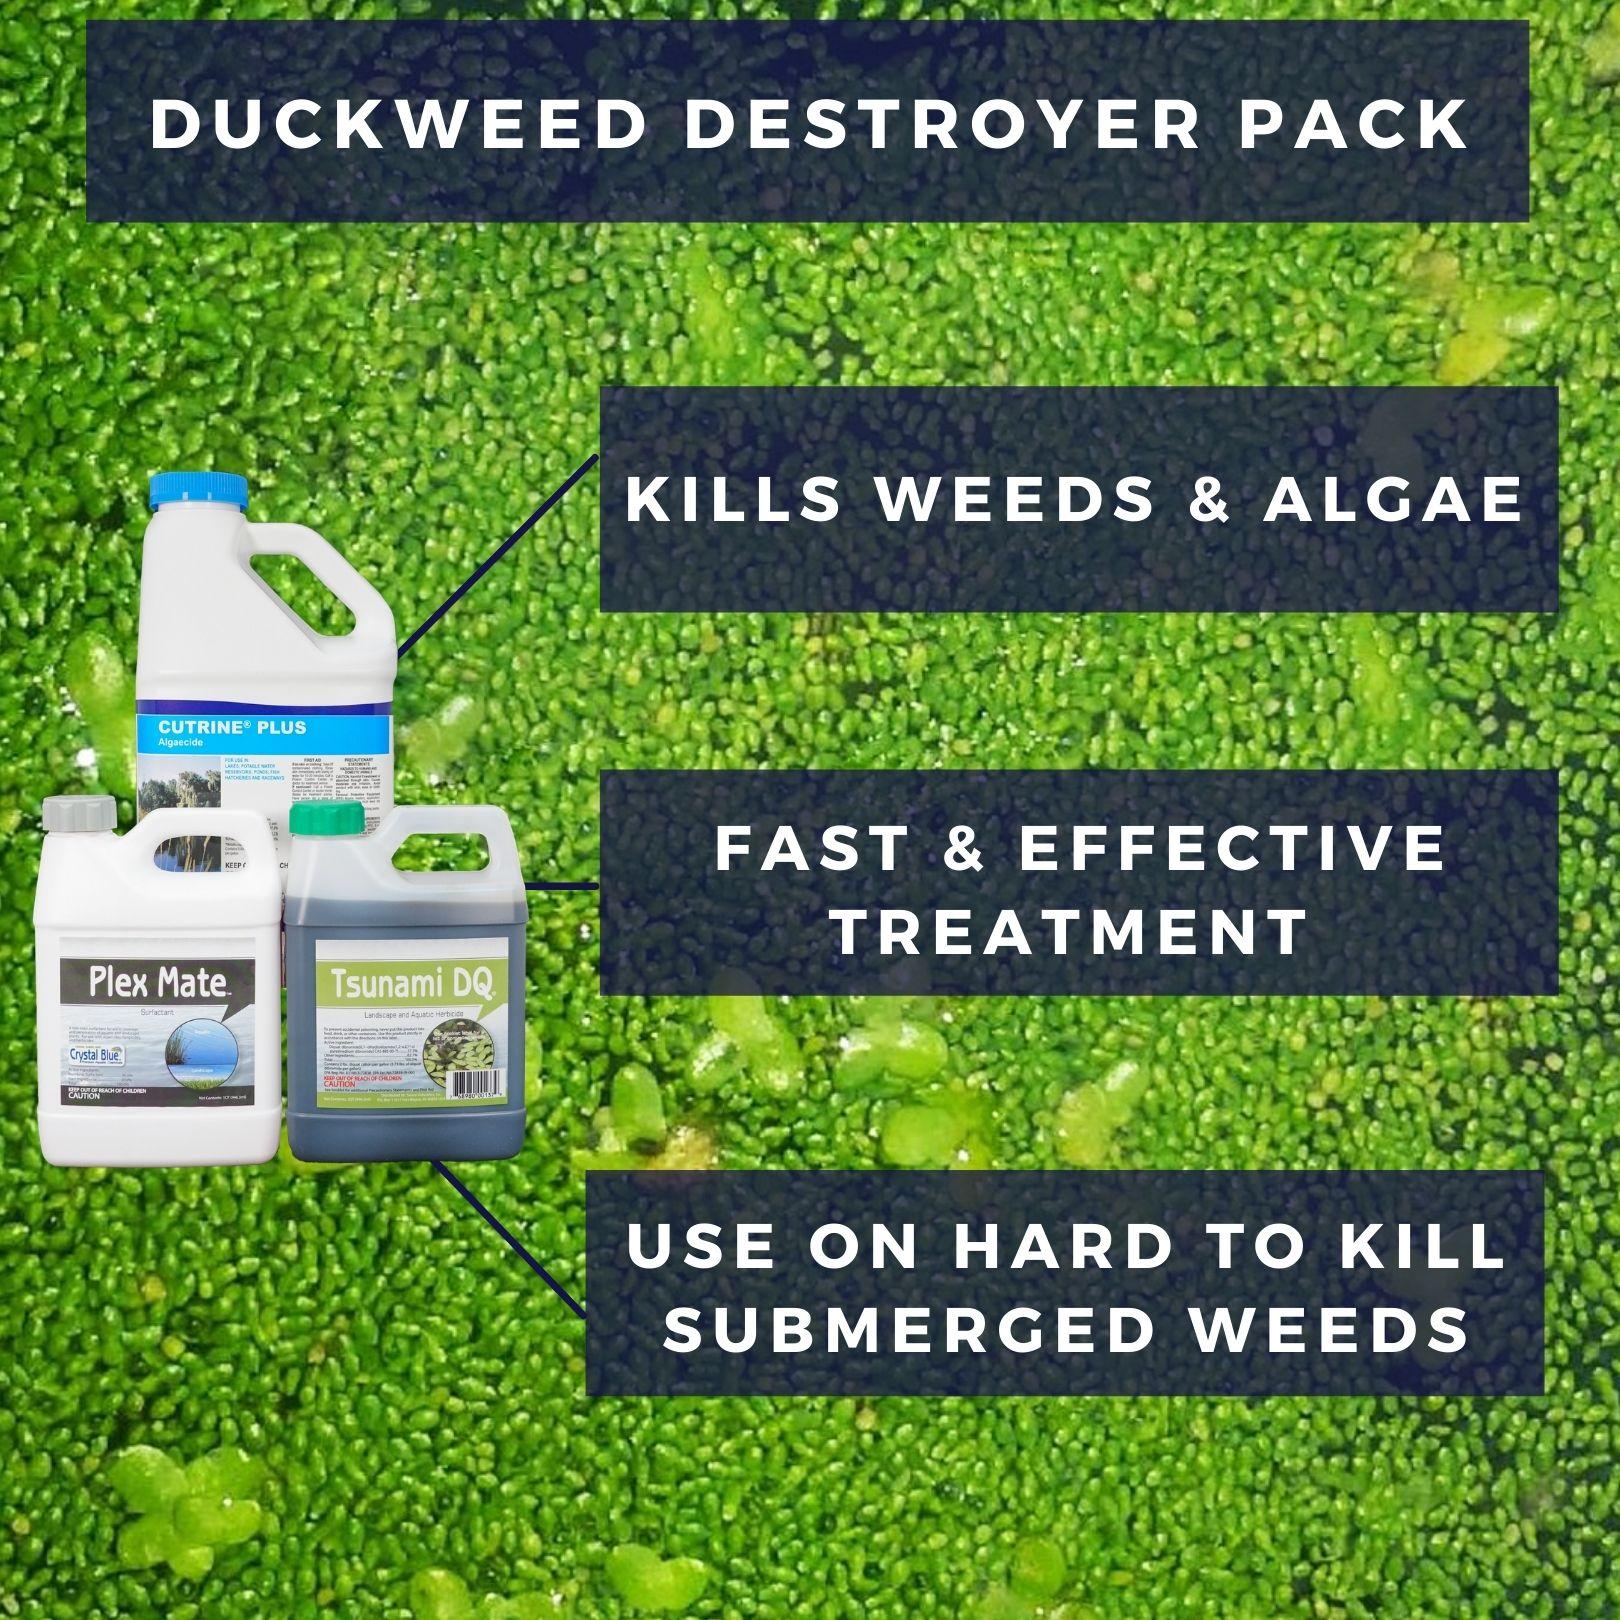 duckweed-destroyer-package.jpg